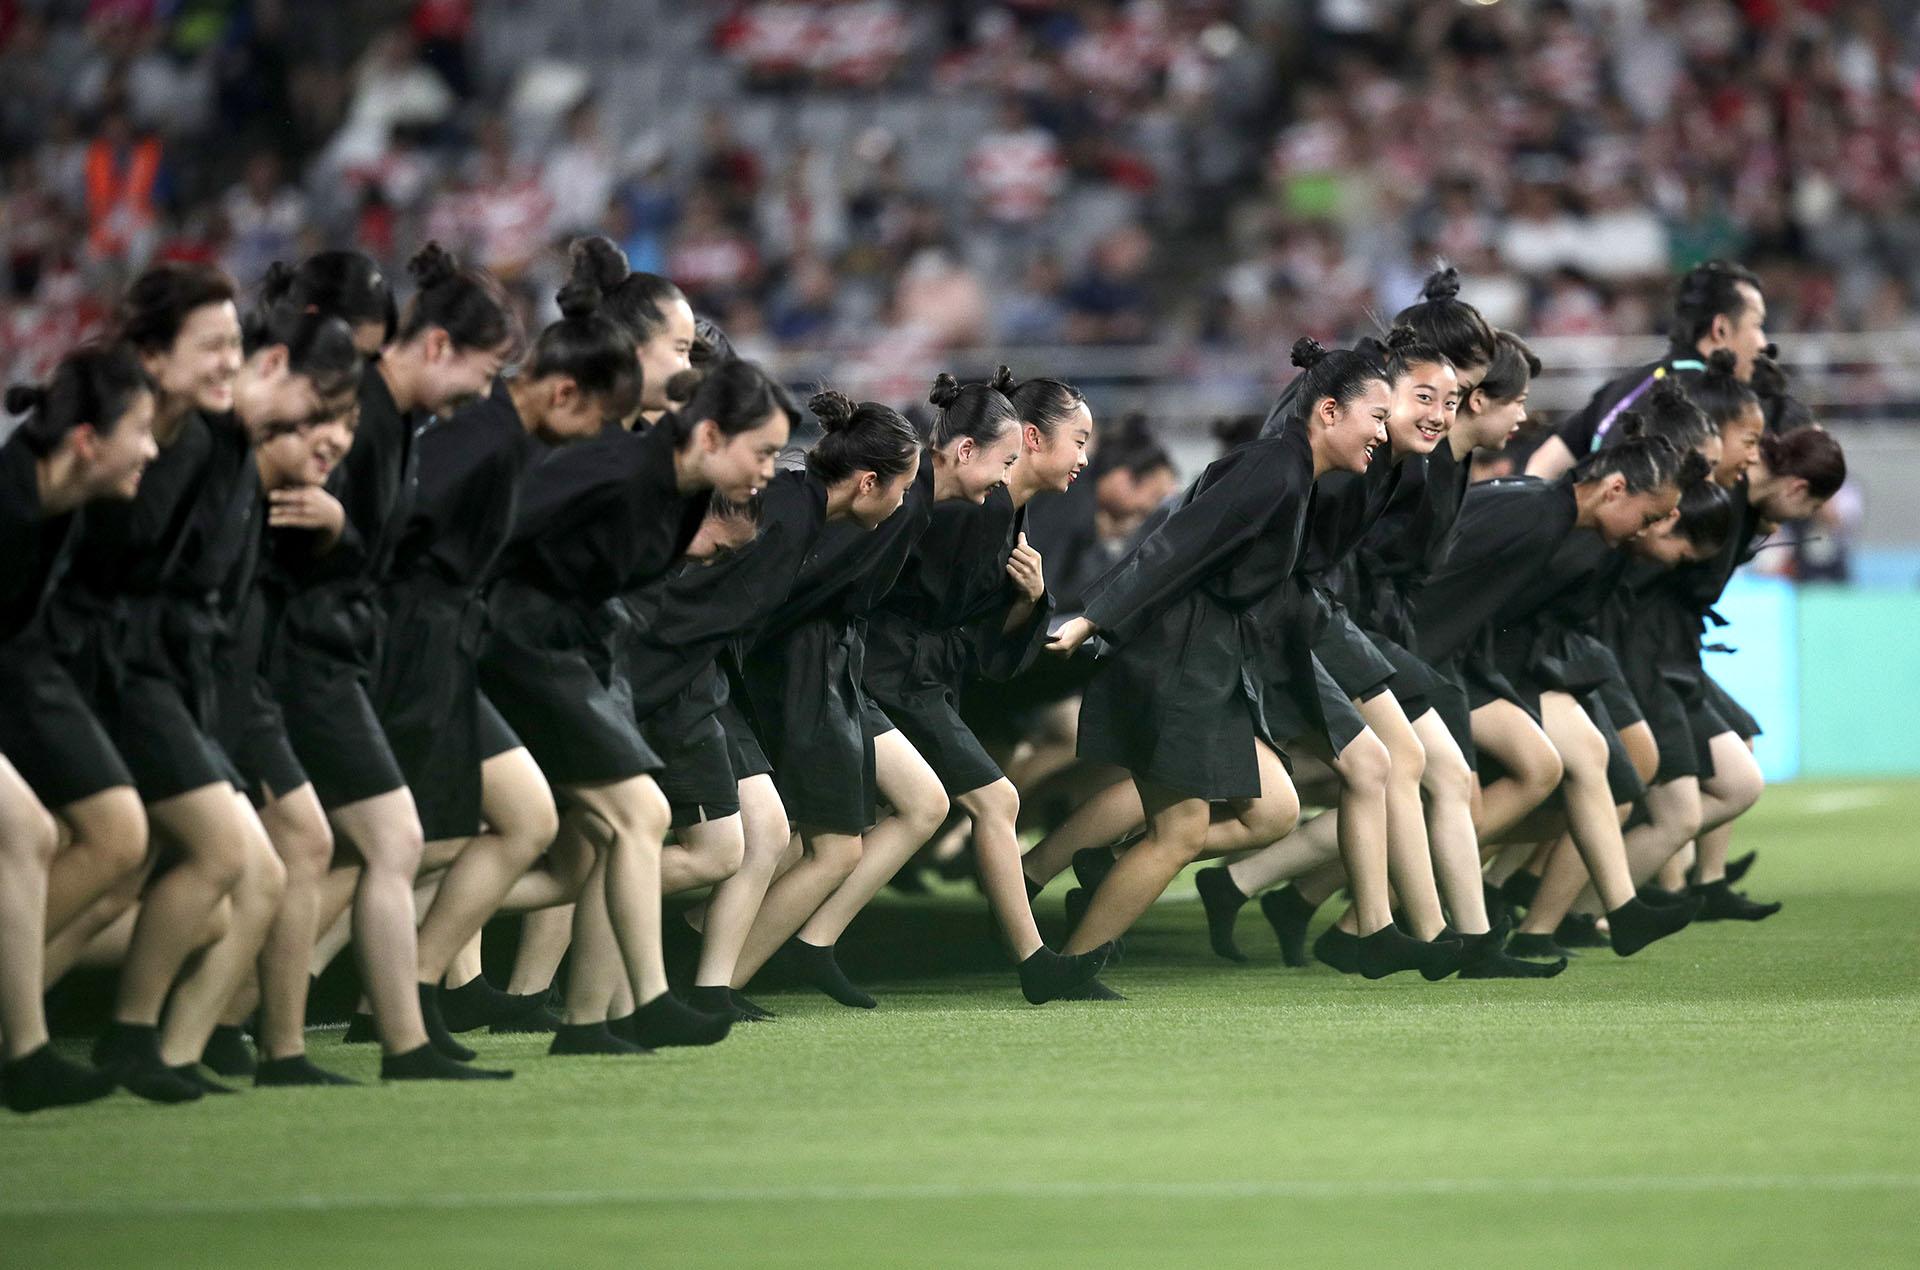 Centenares de personas participaron de la apertura de la Copa del Mundo de rugby (AP Photo/Jae Hong)